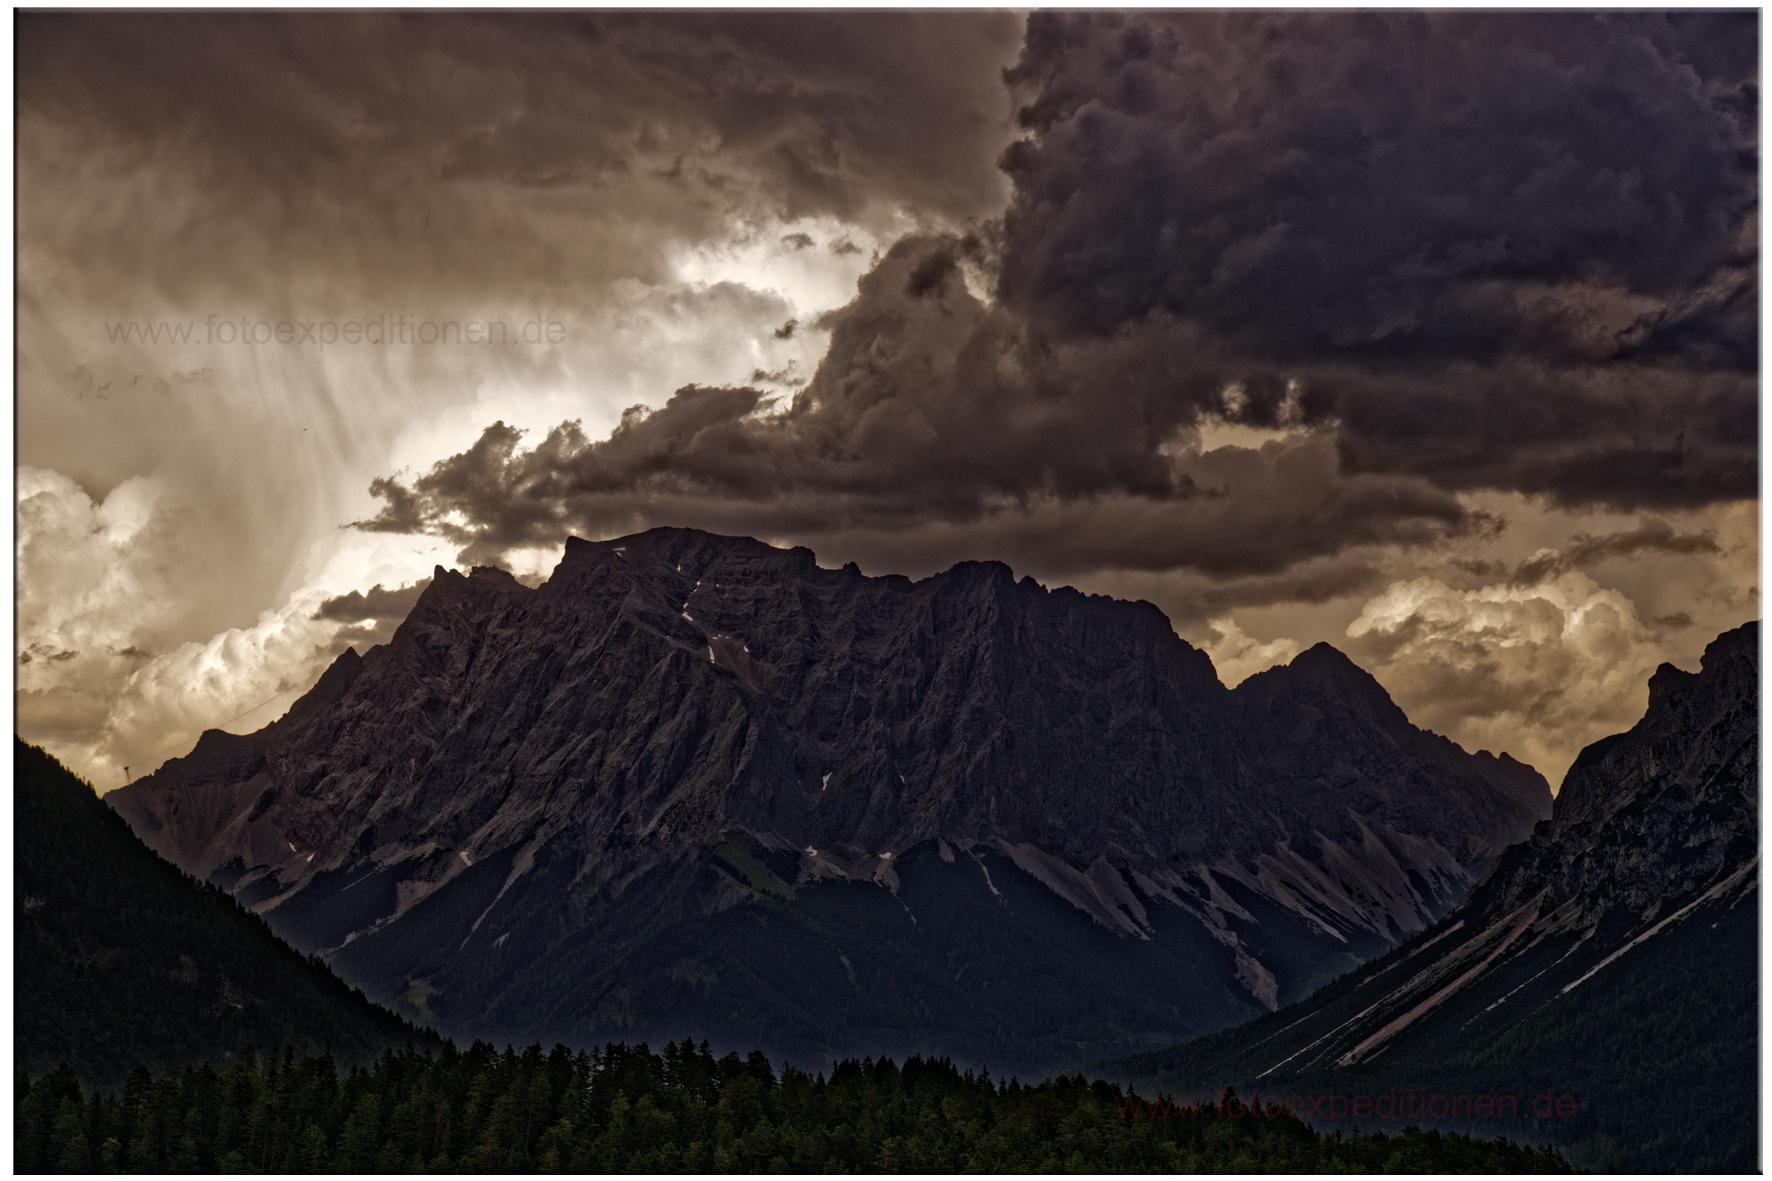 Gewitterstimmung an der Zugspitze